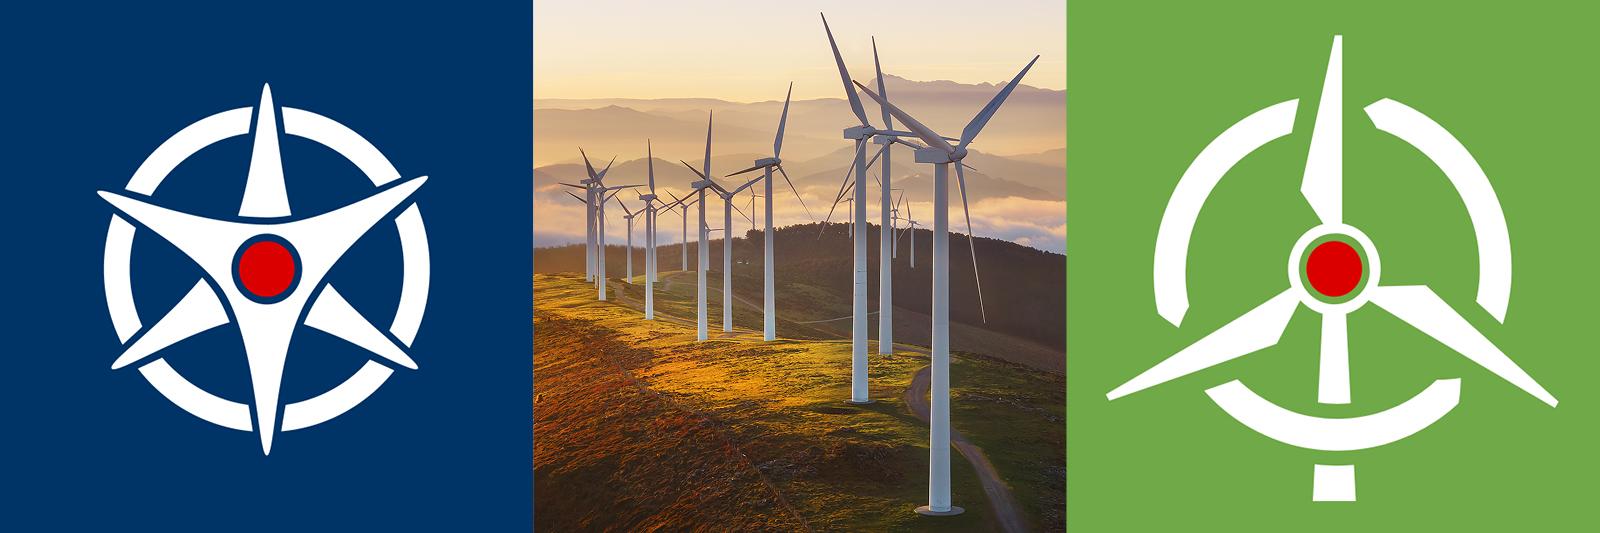 windkraft_3er.jpg